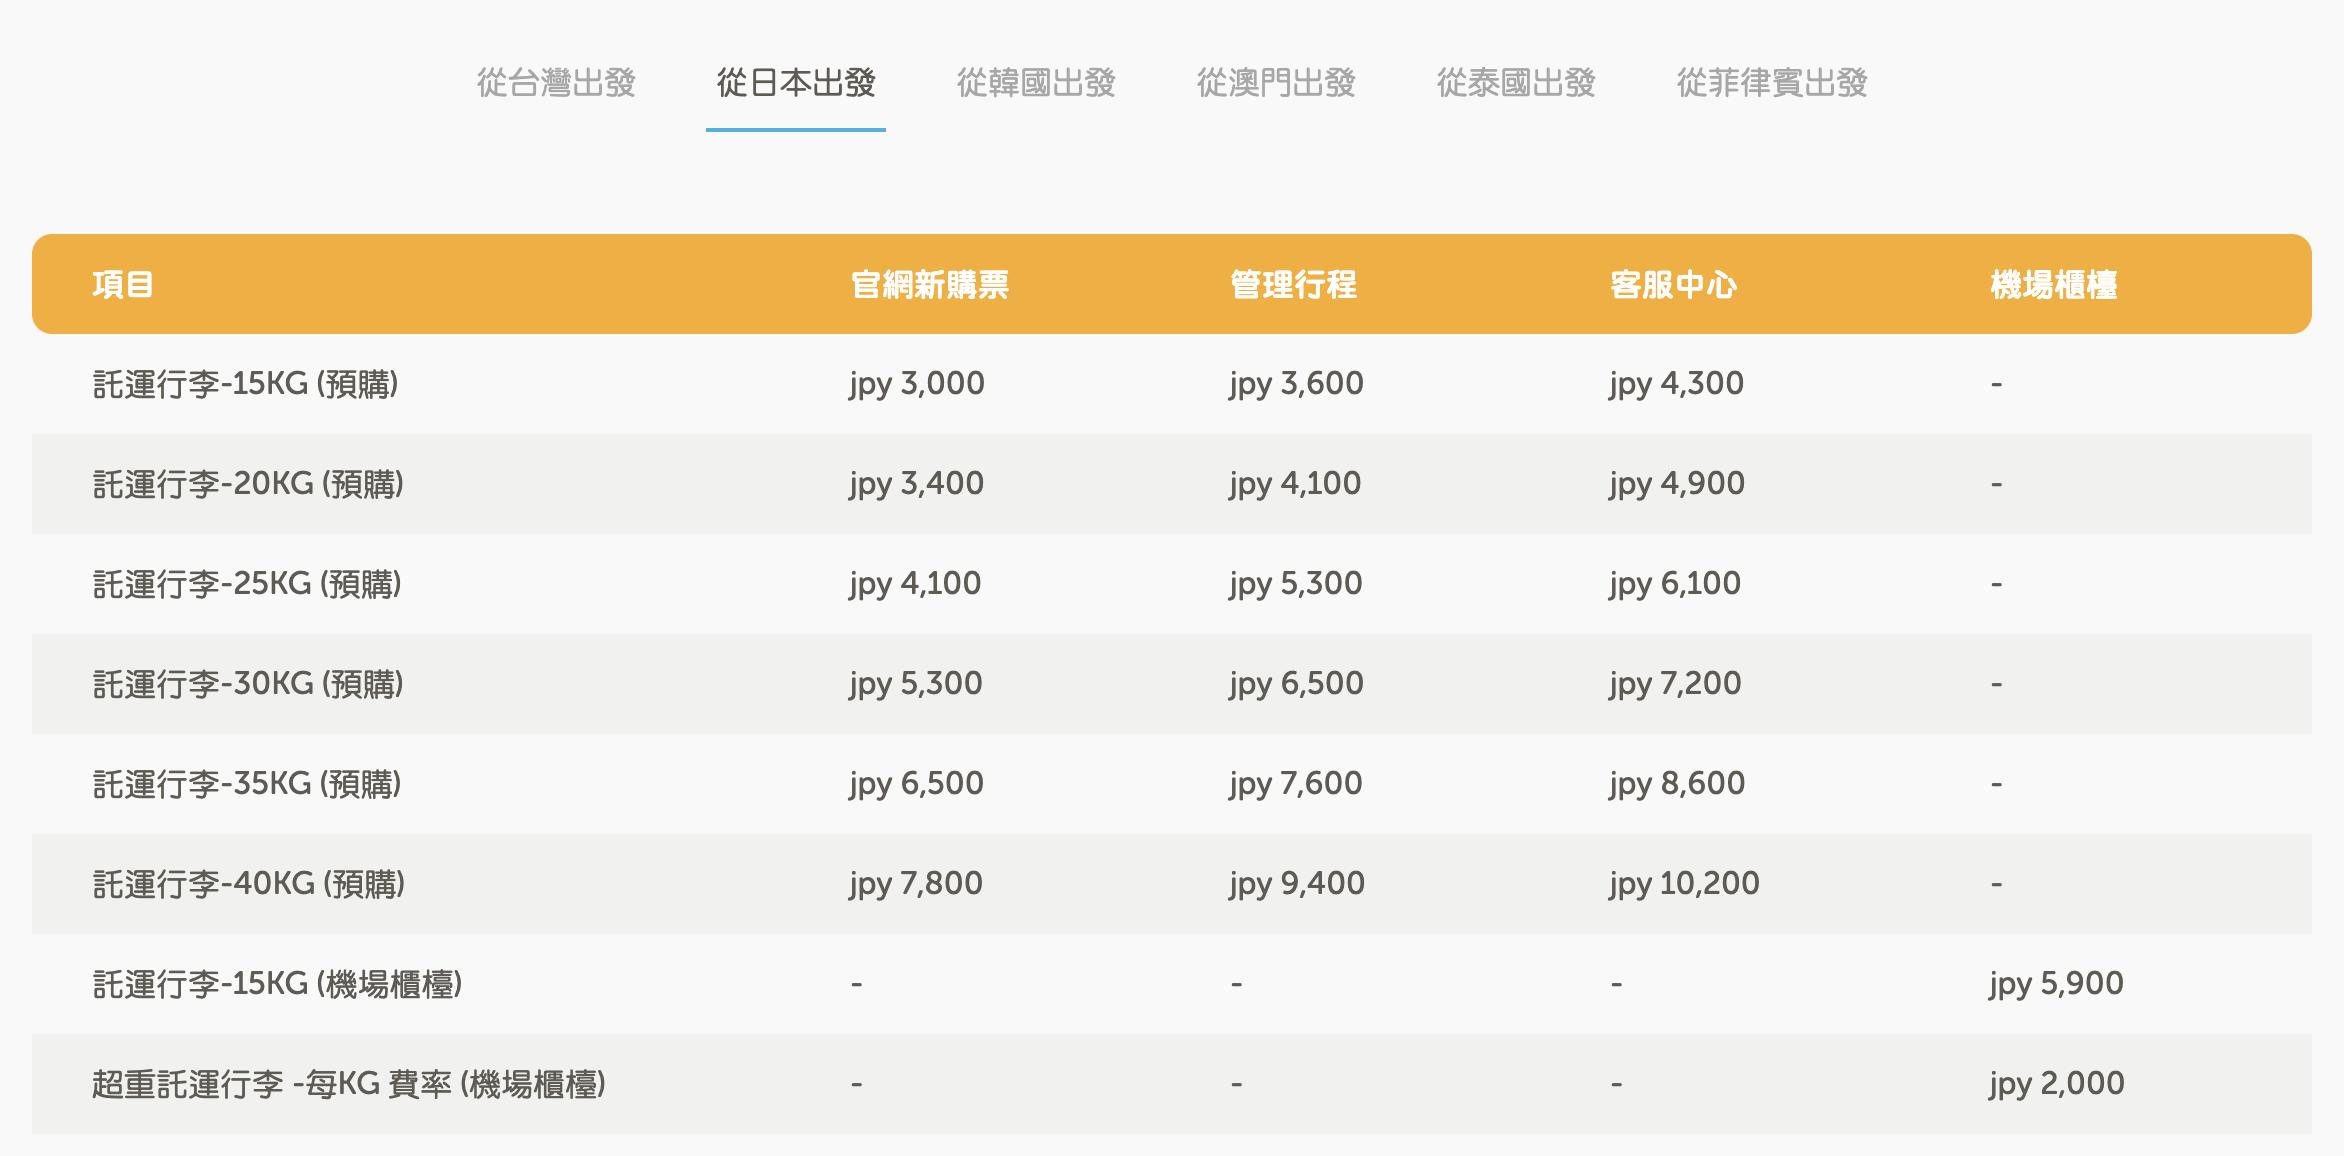 虎航託運行李超重費用計算方式